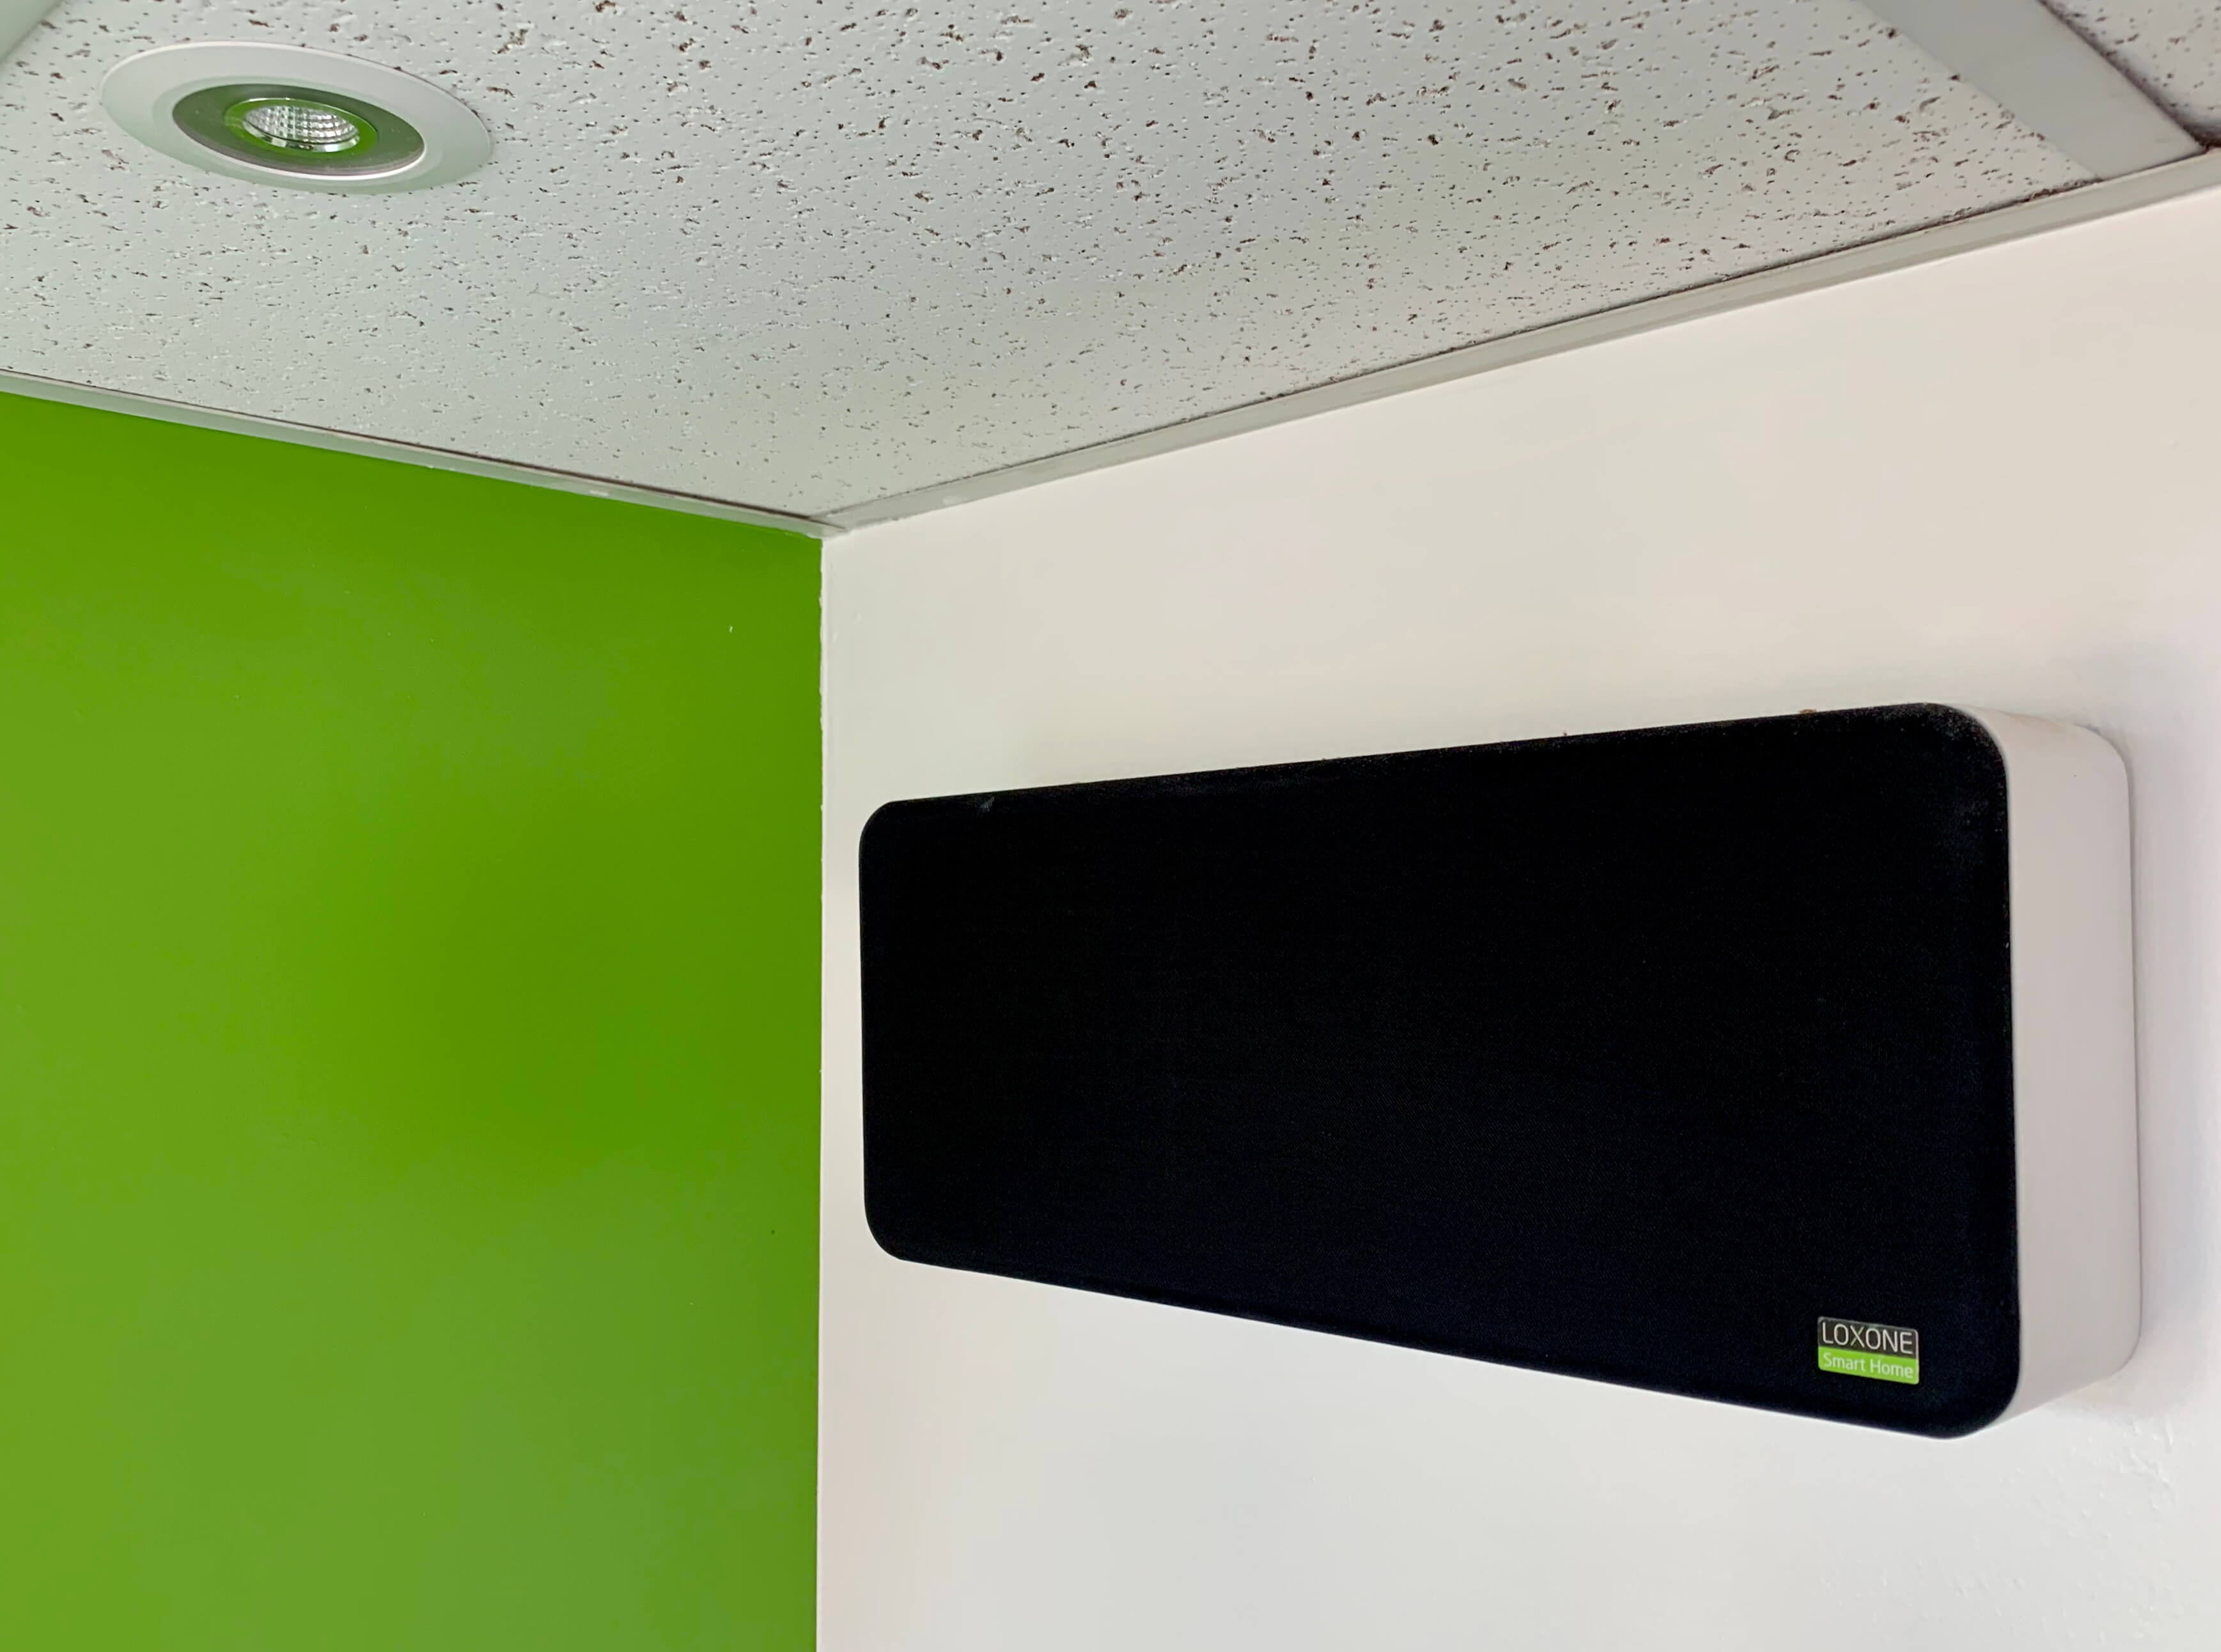 Loxone Wall Speaker